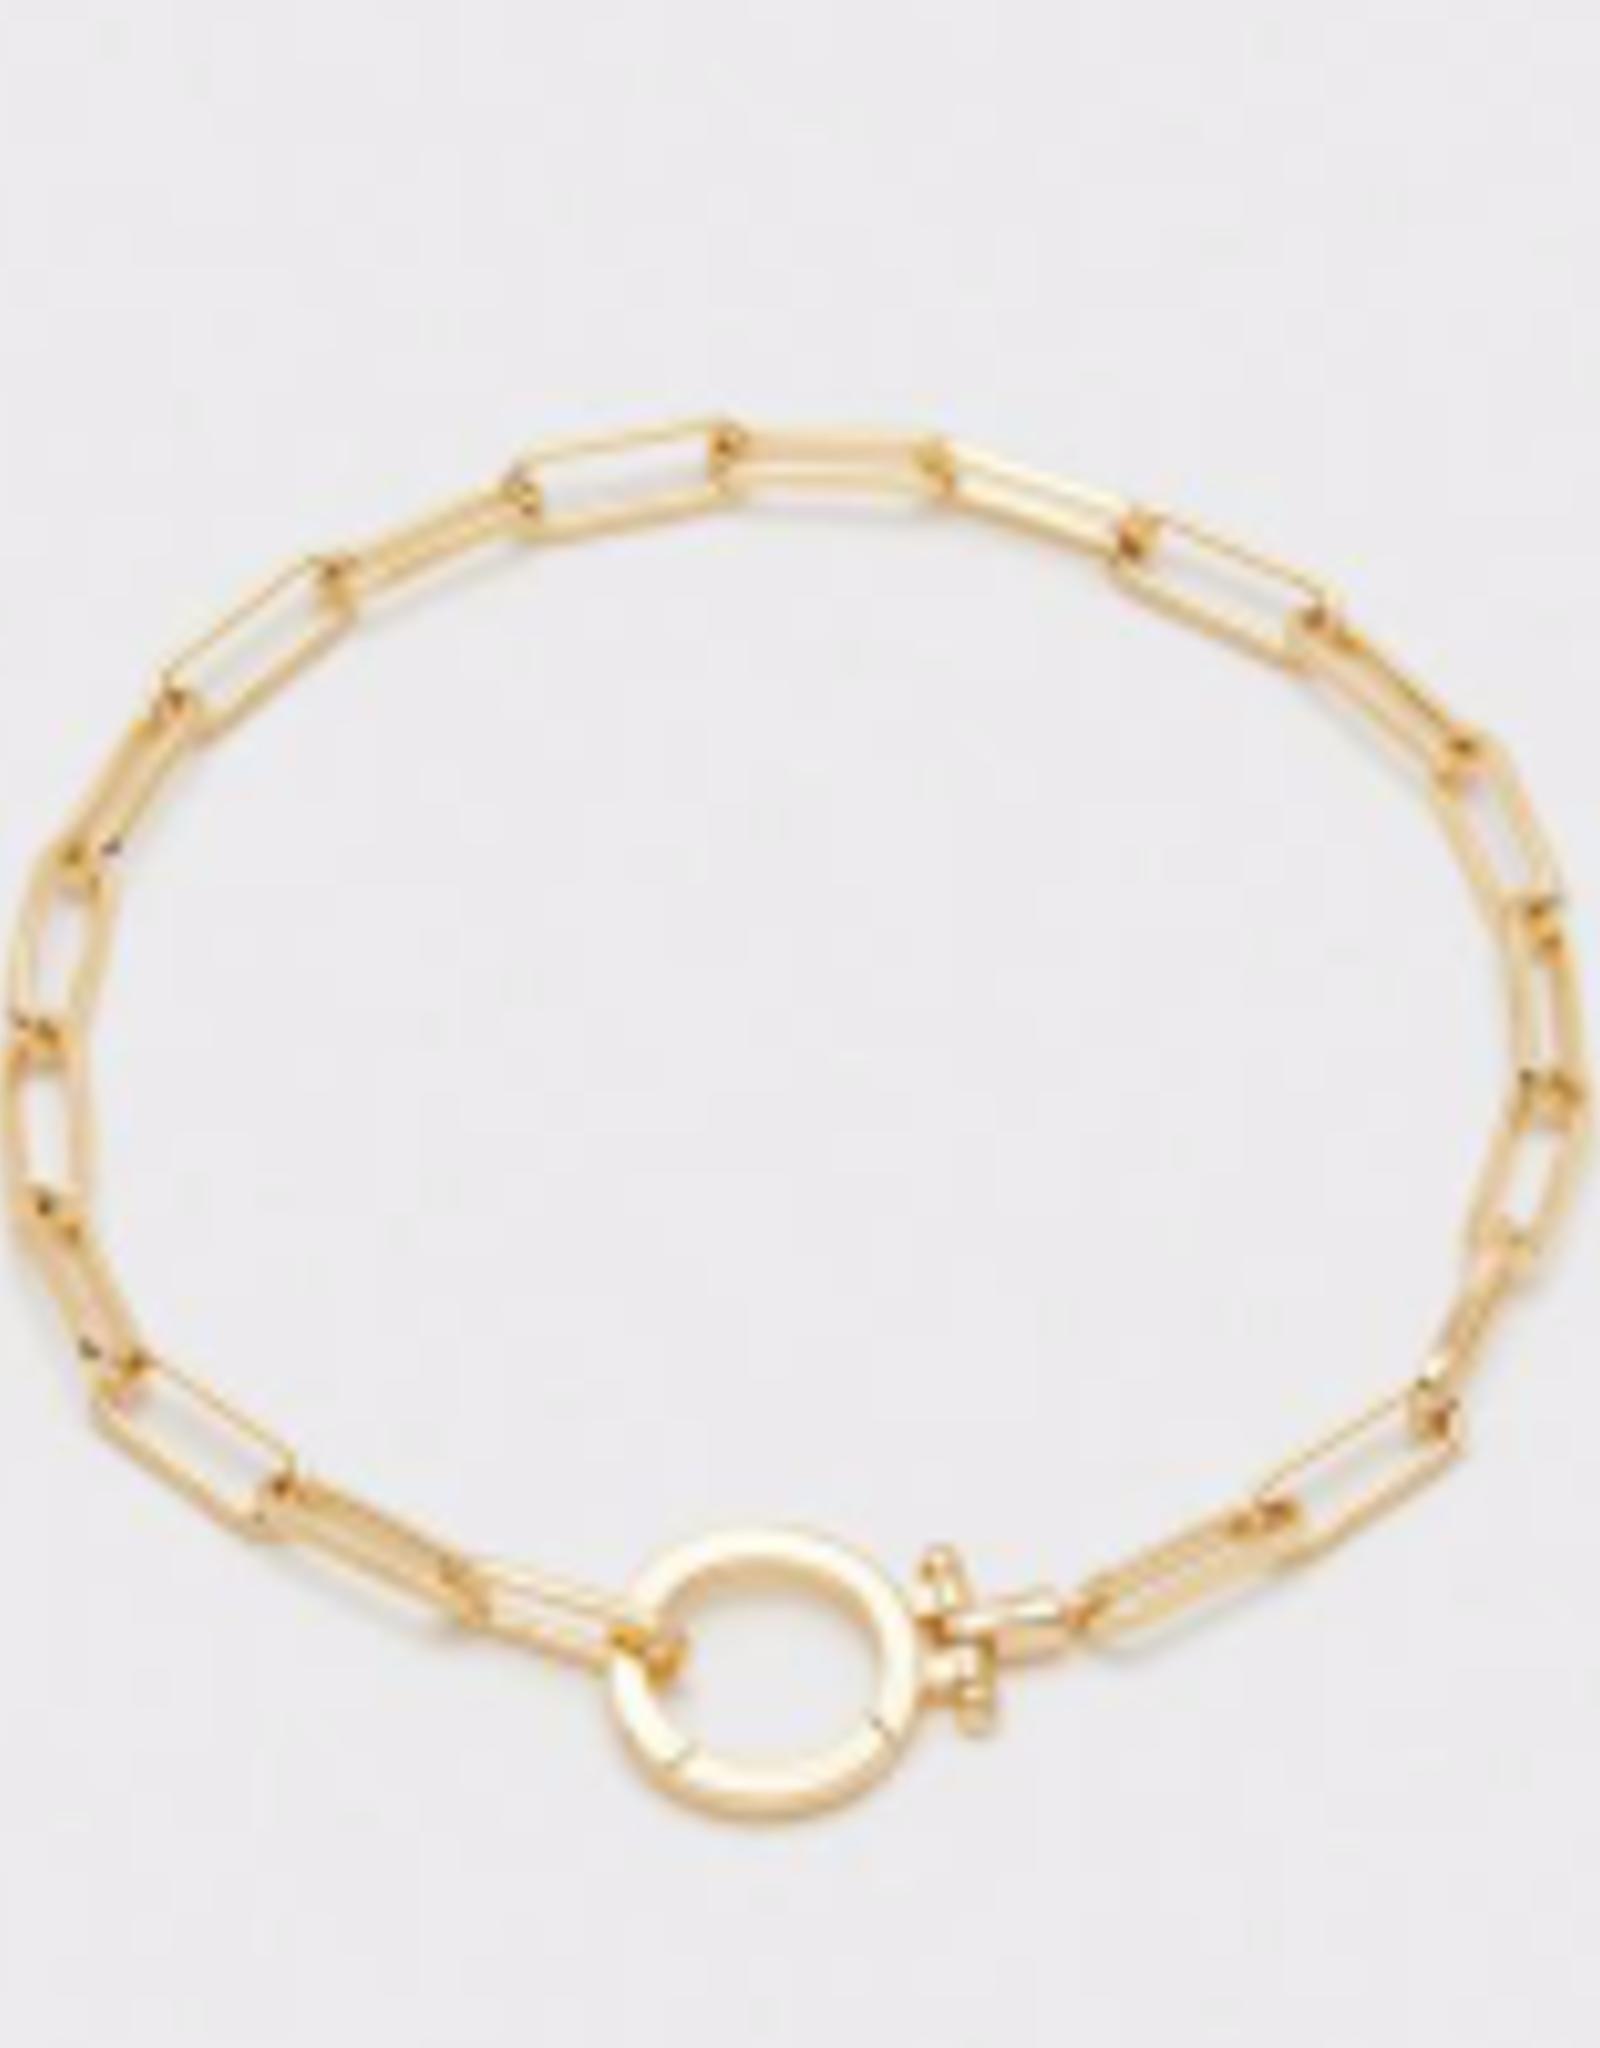 Website Park Bracelet in Gold